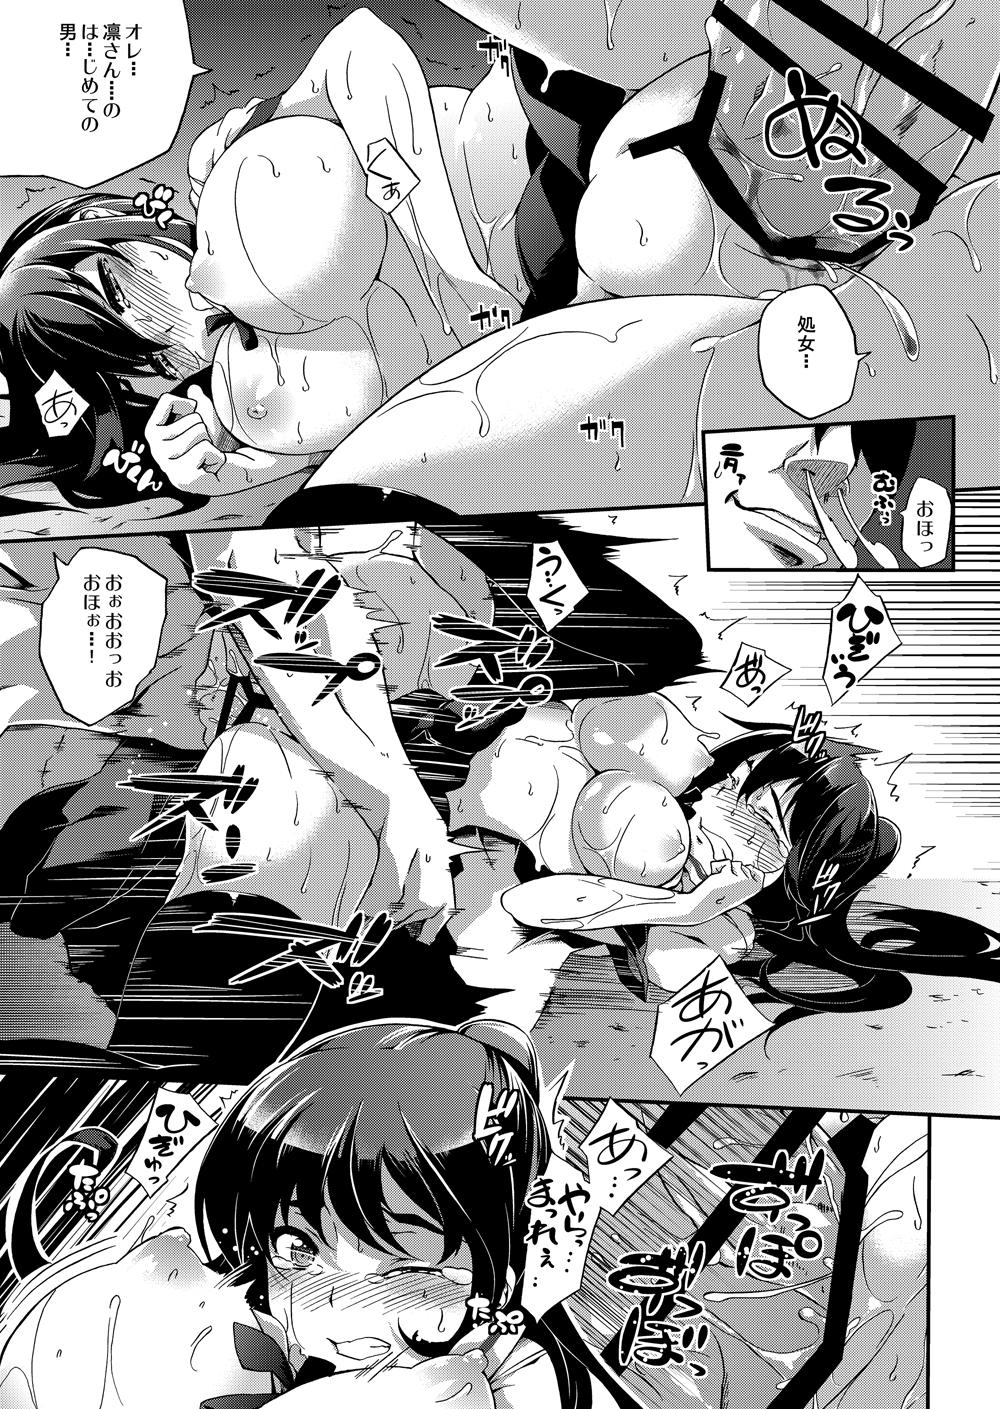 【エロ漫画・エロ同人】学園のアイドルな巨乳生徒会長が没収したエロ本見てオナニーしてるwそれを不良のパシリしてる男に写真撮られて陵辱レイプされちゃったンゴwww 恥辱の生徒会室 (18)